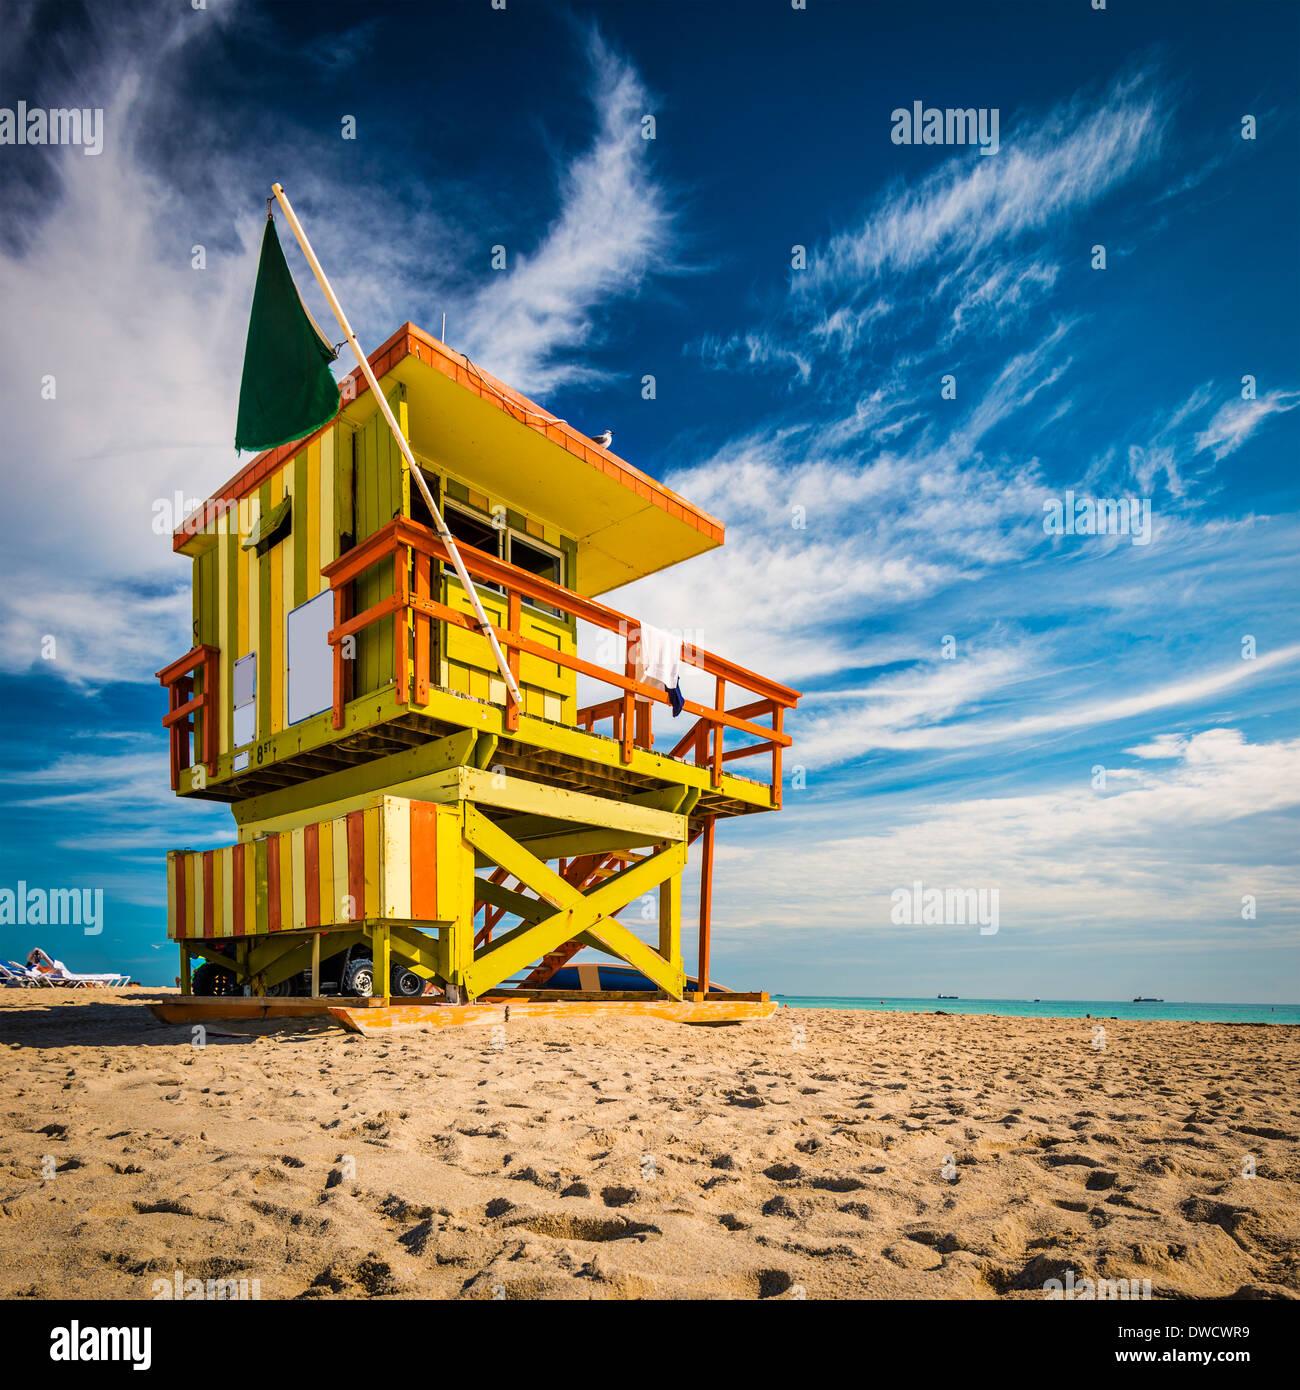 Miami, Florida on Miami Beach at a lifeguard tower. - Stock Image